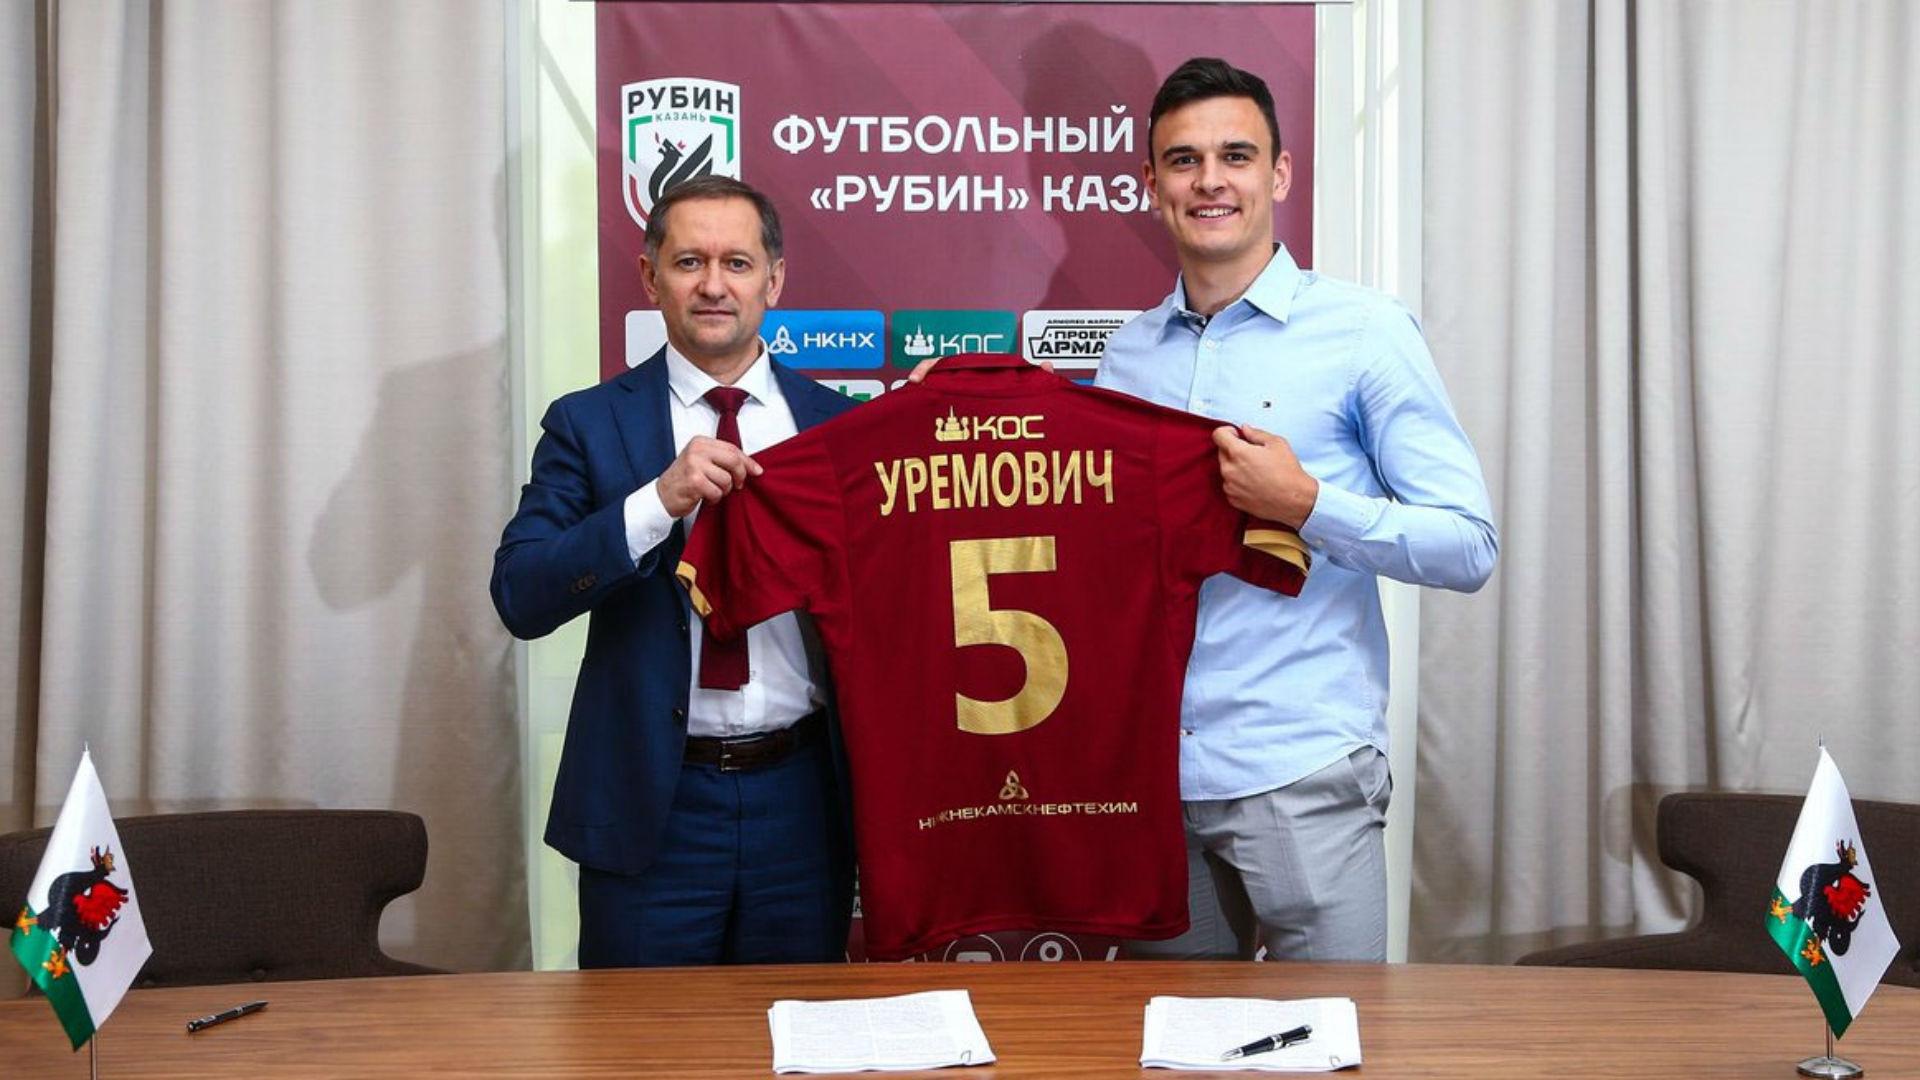 filip uremovic - rubin - 04062018